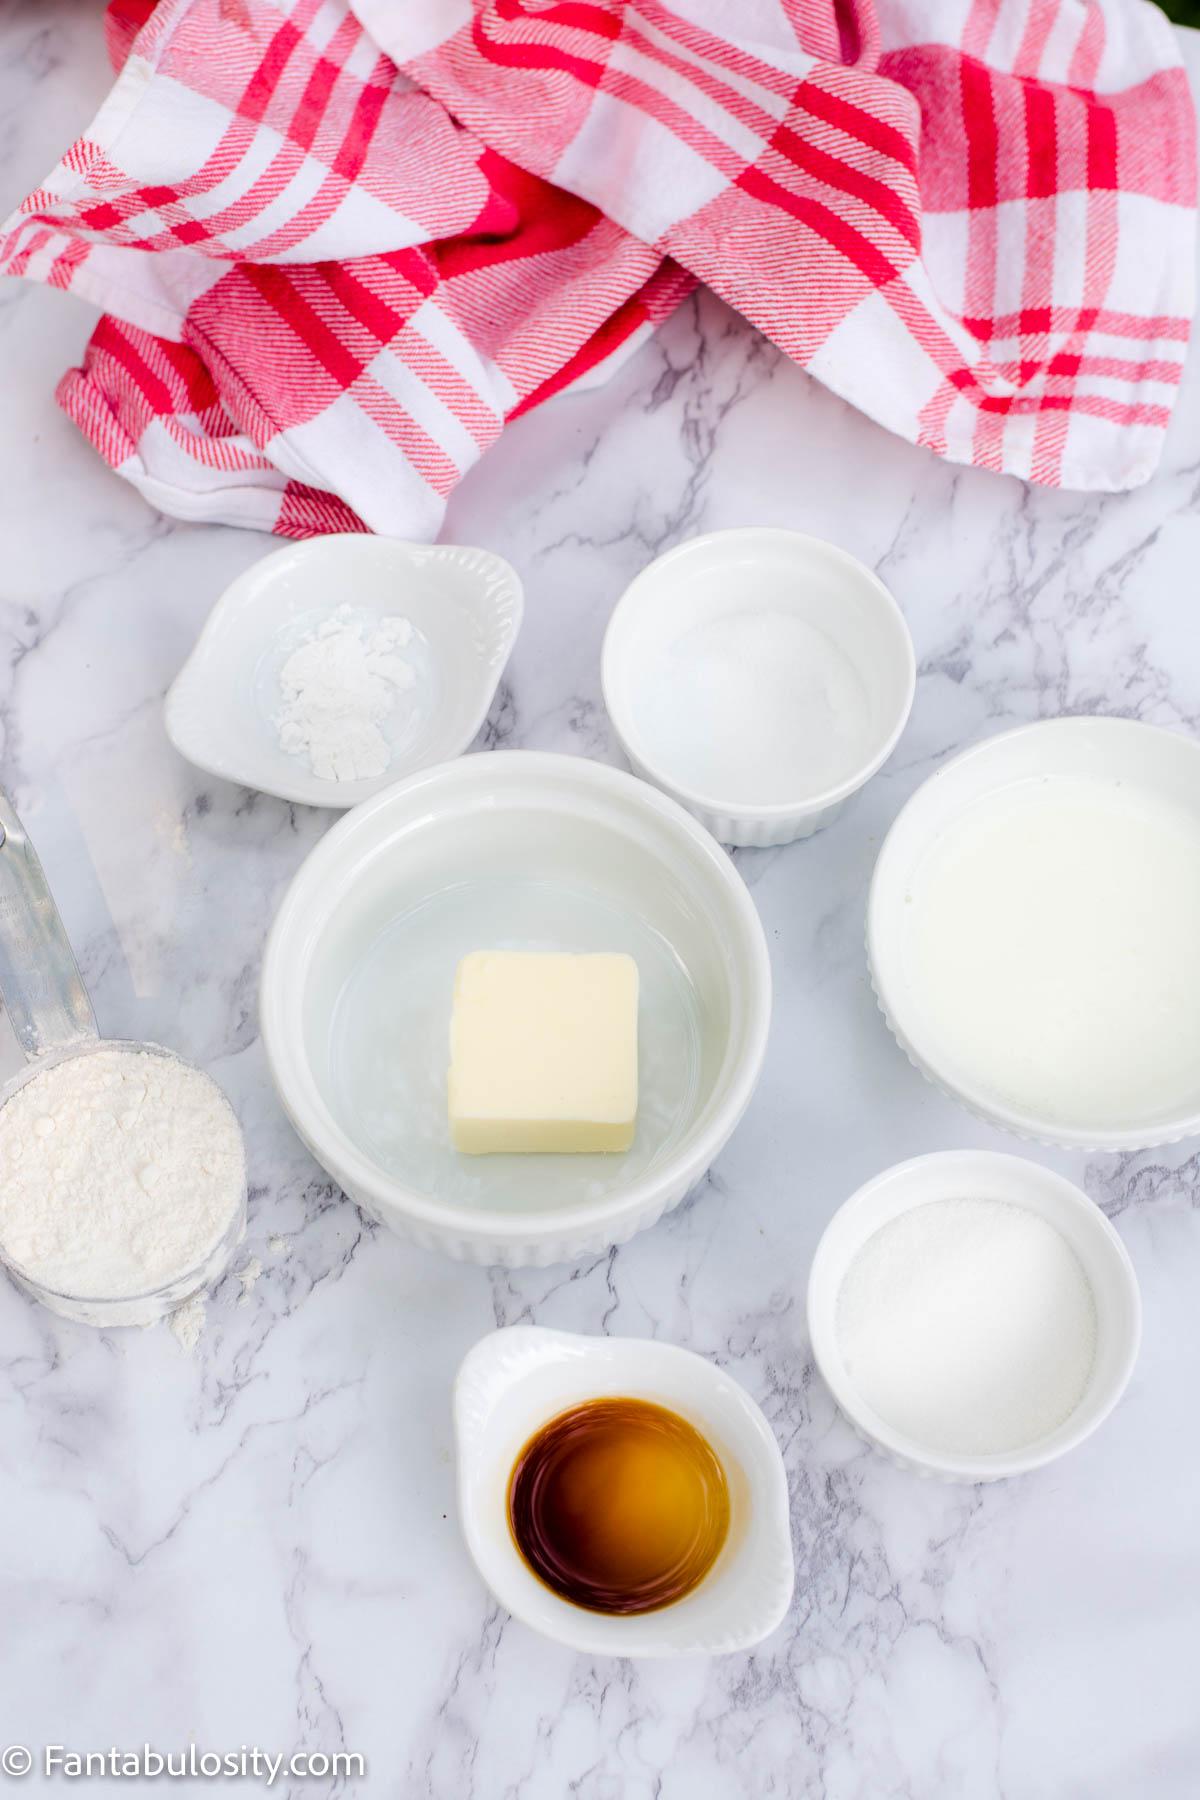 Ingredients for Vanilla Mug cake